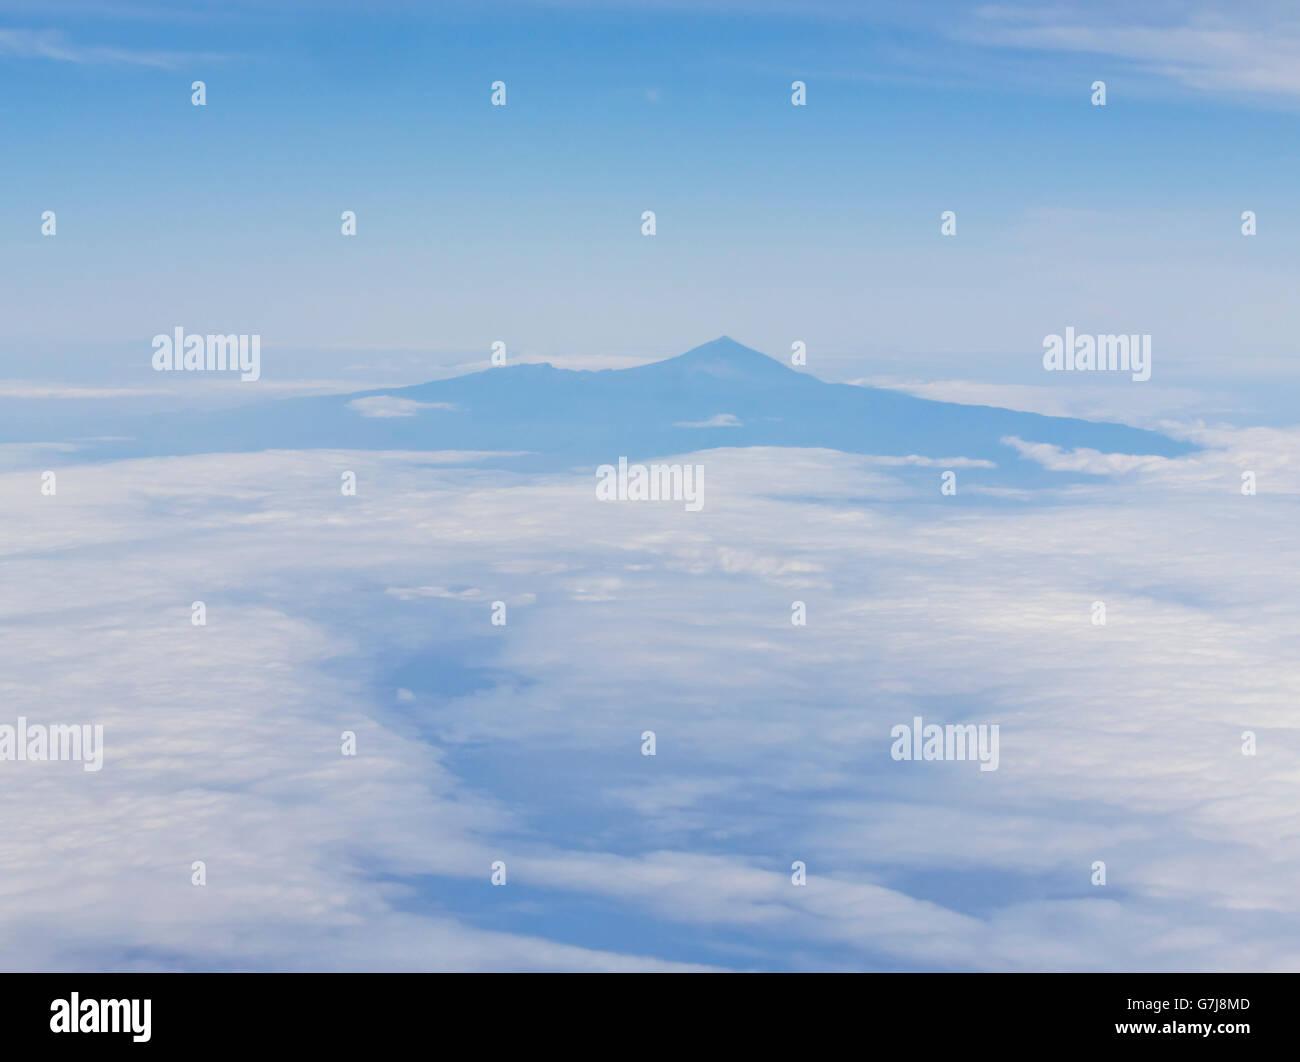 Teneriffa mit den Teide in dunstigen blau und weiß von einem herannahenden / verlassen Flugzeug gesehen Stockbild